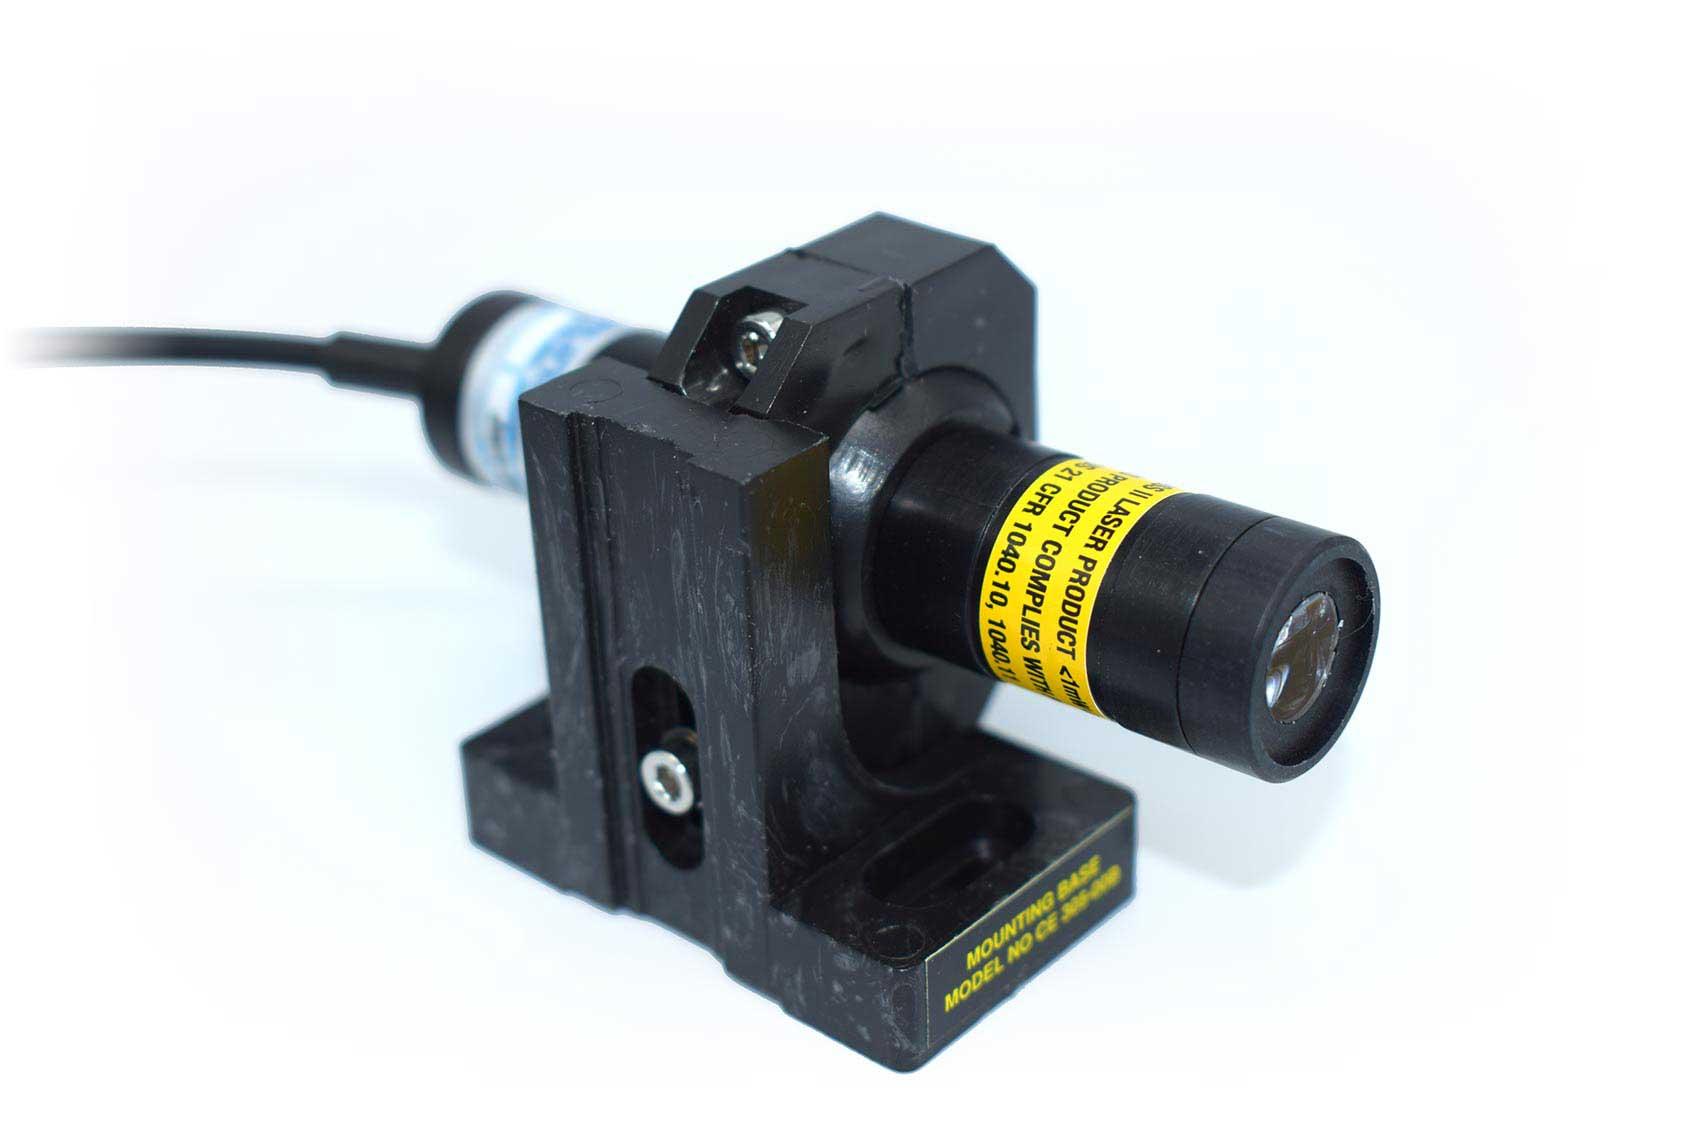 The Pico EC-805 Mini Laser - Cemar Electro